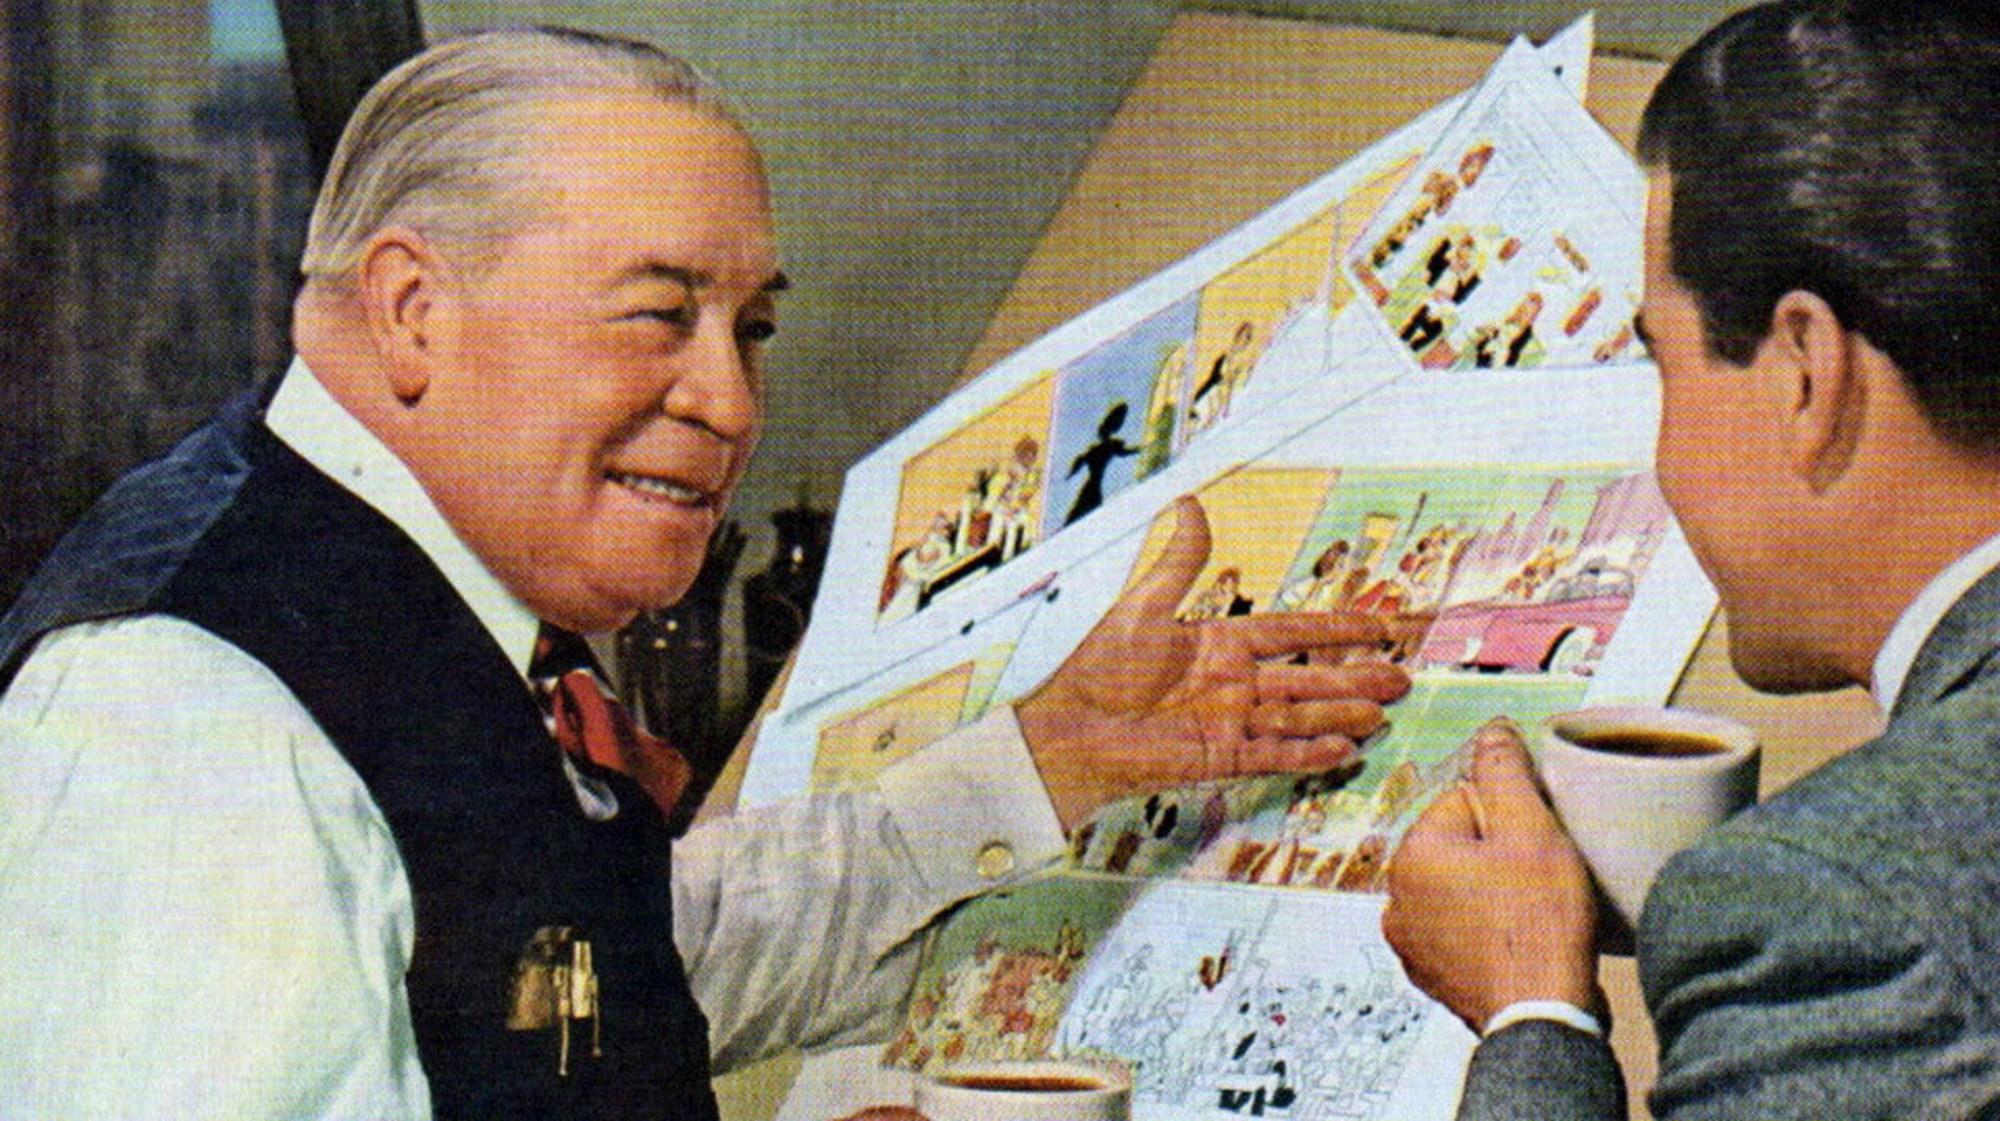 George McManus (från en reklam för kaffe)